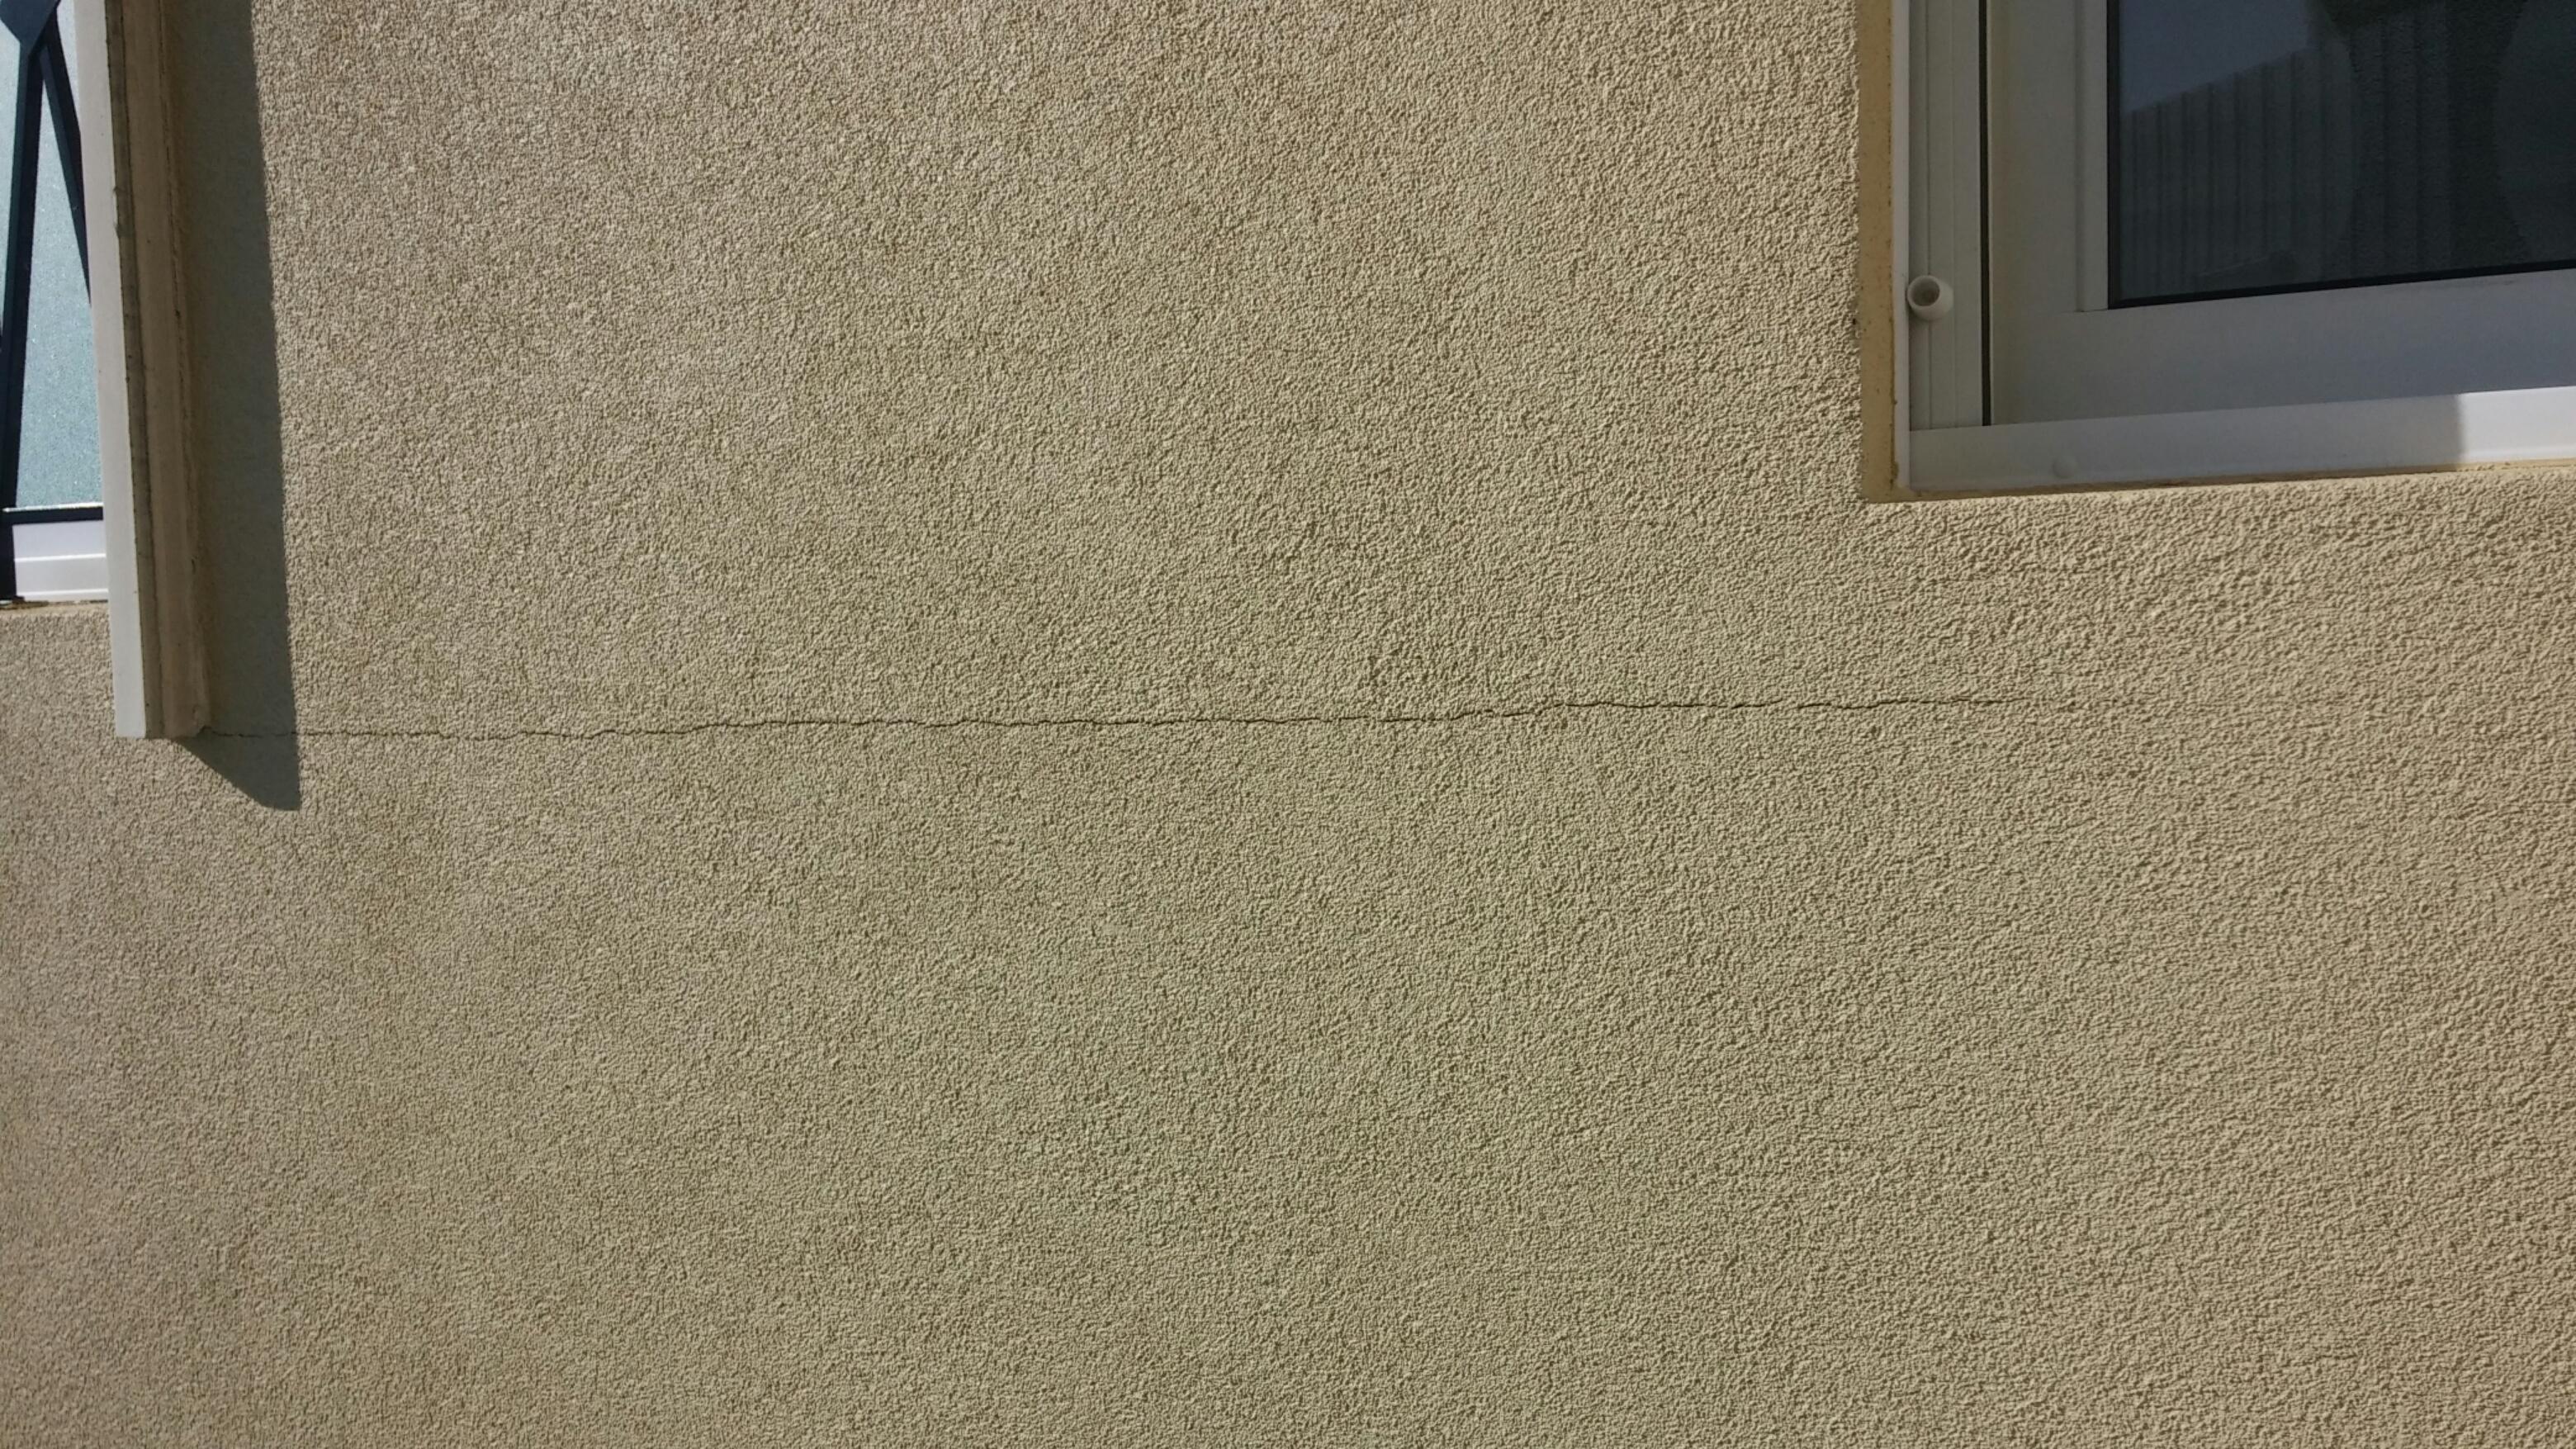 Sondage cr pi ph nix ma maison phenix - Micro fissure maison neuve ...